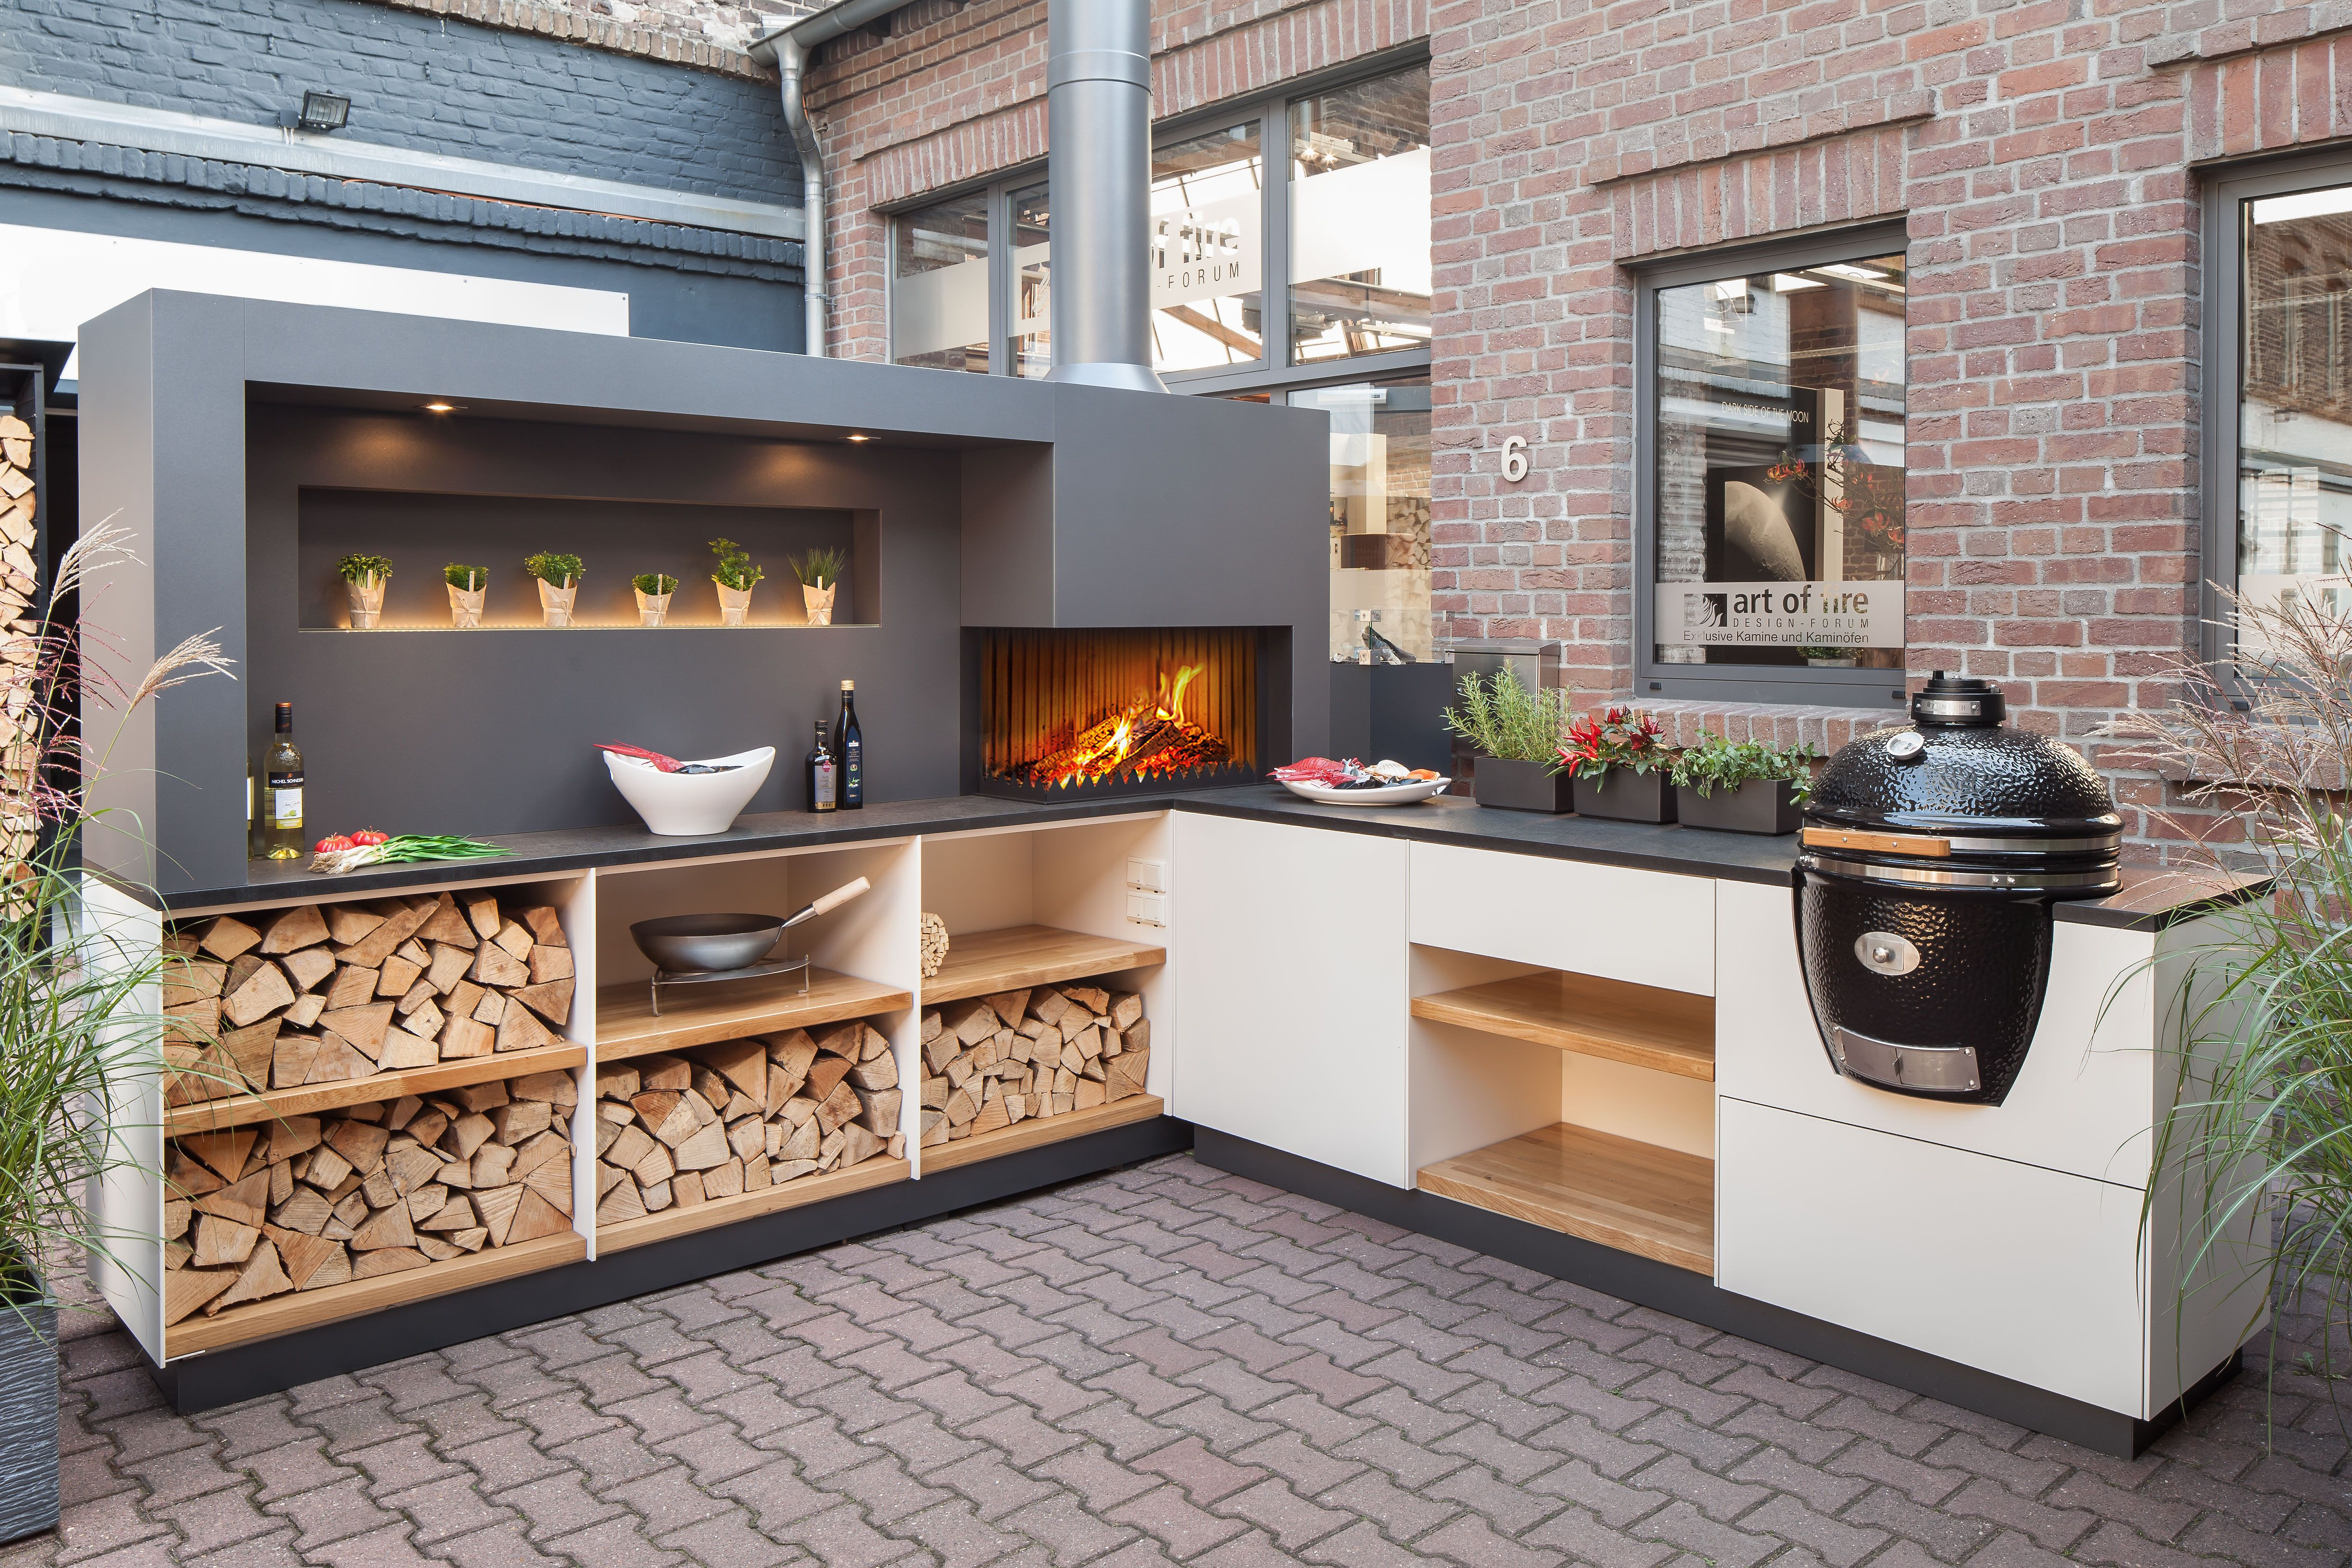 jetzt deinen pers nlichen outdoorbereich planen entdecke die m glichkeiten der freiluftk che. Black Bedroom Furniture Sets. Home Design Ideas